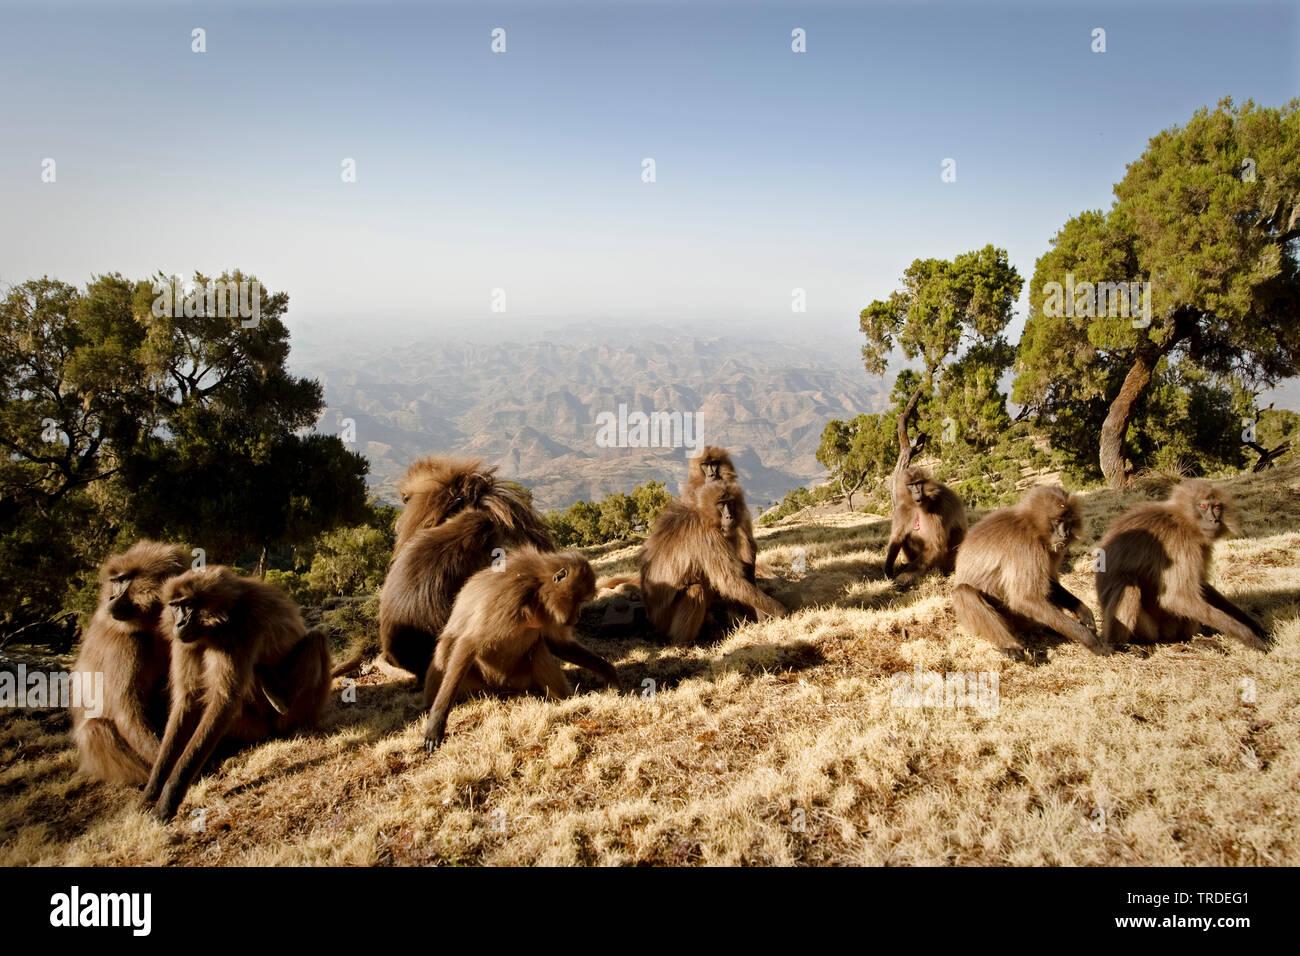 Dschelada, Blutbrustpavian, Blutbrust-Pavian (Theropithecus gelada), Dscheladas in den Semien-Bergen, Aethiopien, Simien Mountains Nationalpark   gela - Stock Image